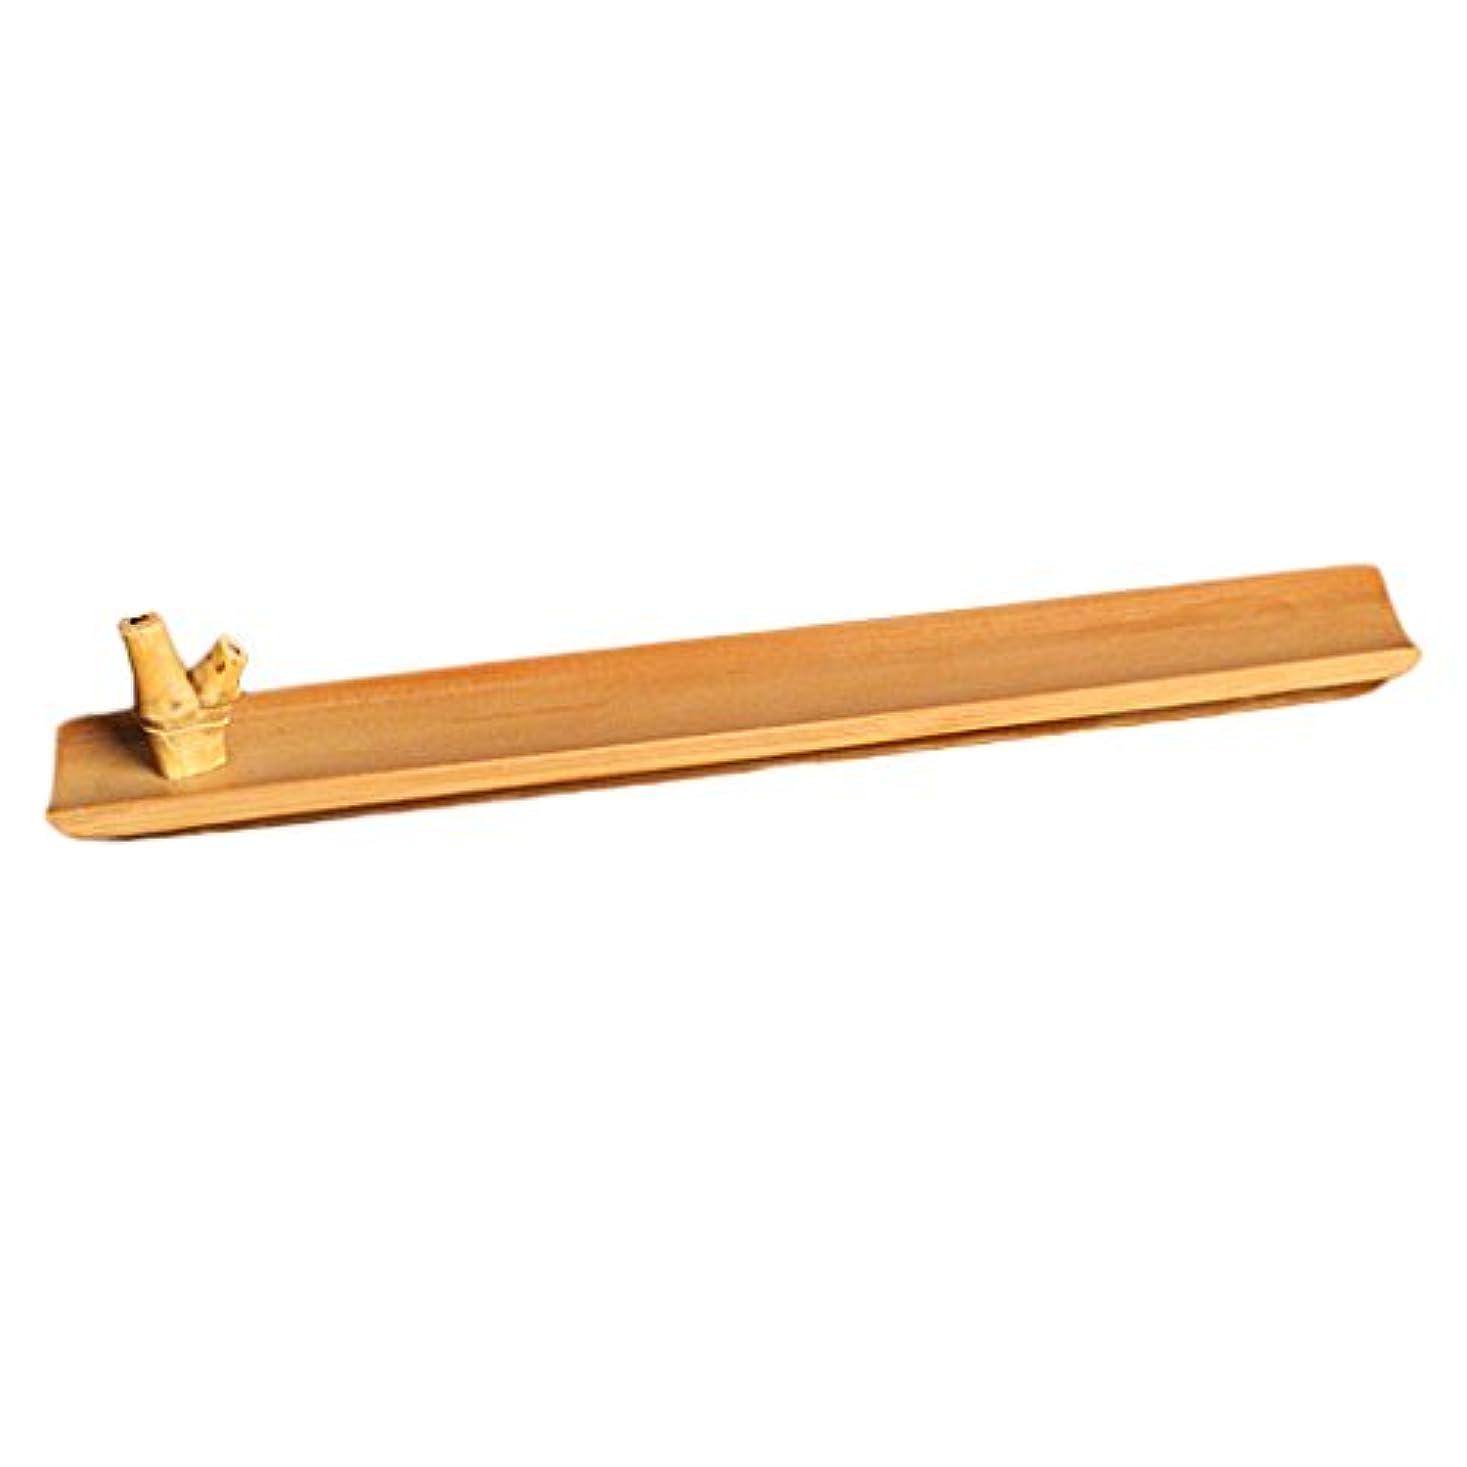 通路比べる偶然のBaosity 竹 お香立て スティック  香 ホルダー バーナースティック 手作り 工芸品 アロマセラピー、ヨガ、レイキ、マッサージ、太極拳、瞑想の愛好家に最適